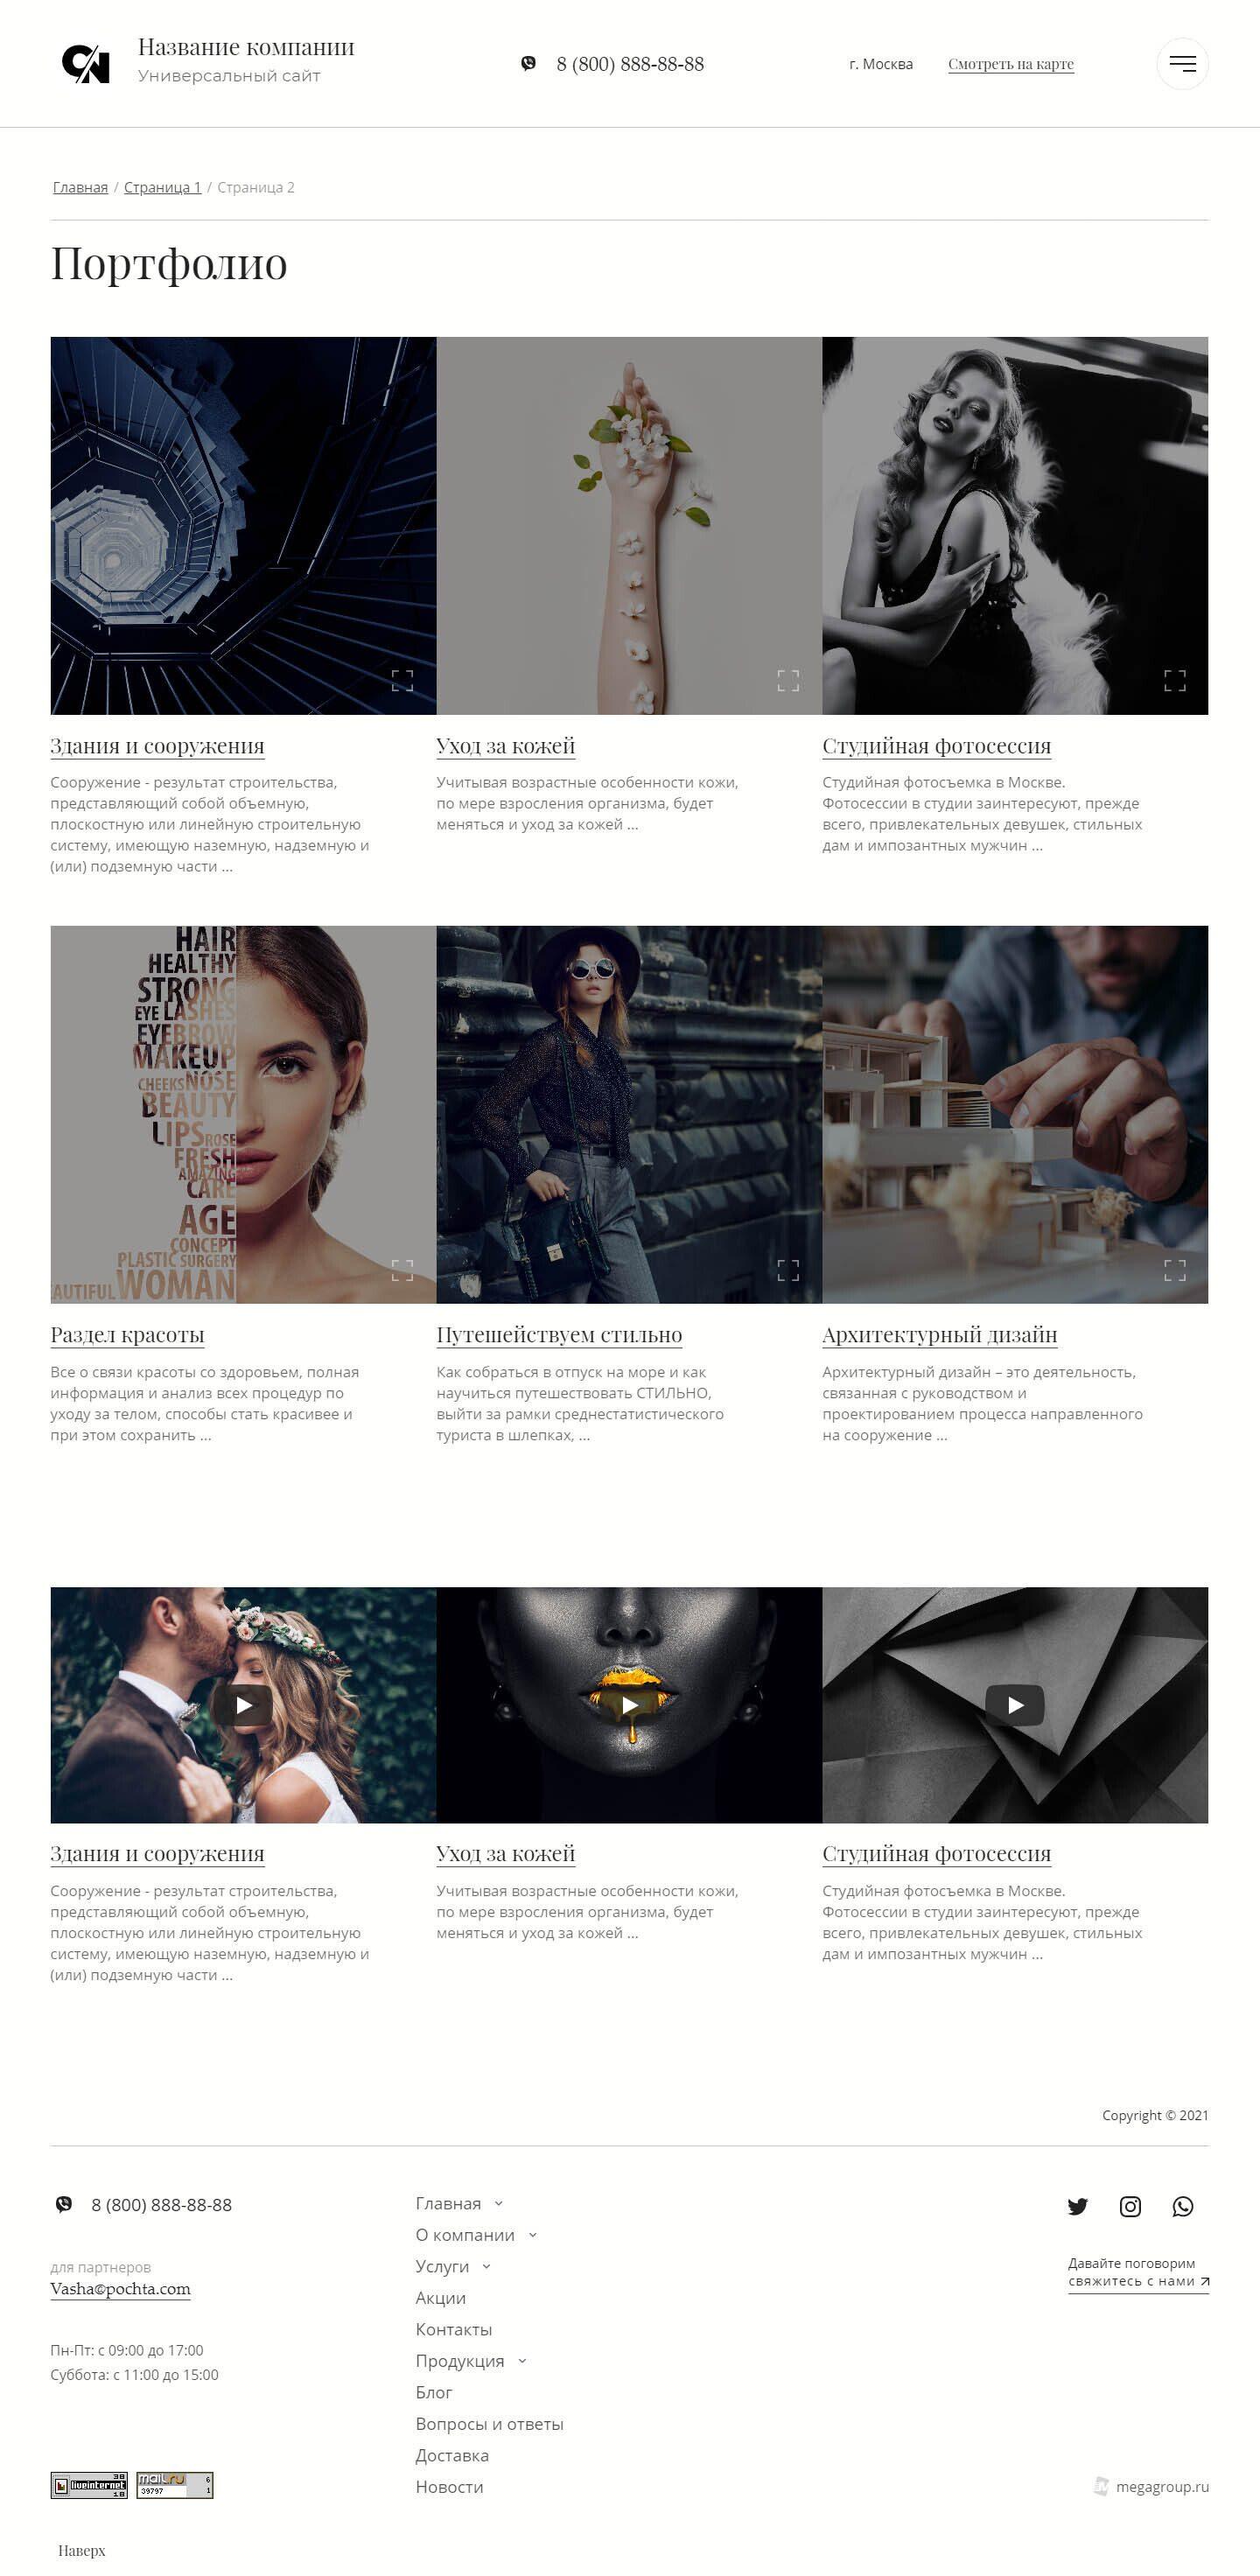 Готовый Сайт-Бизнес #2990750 - Универсальный дизайн (Портфолио)